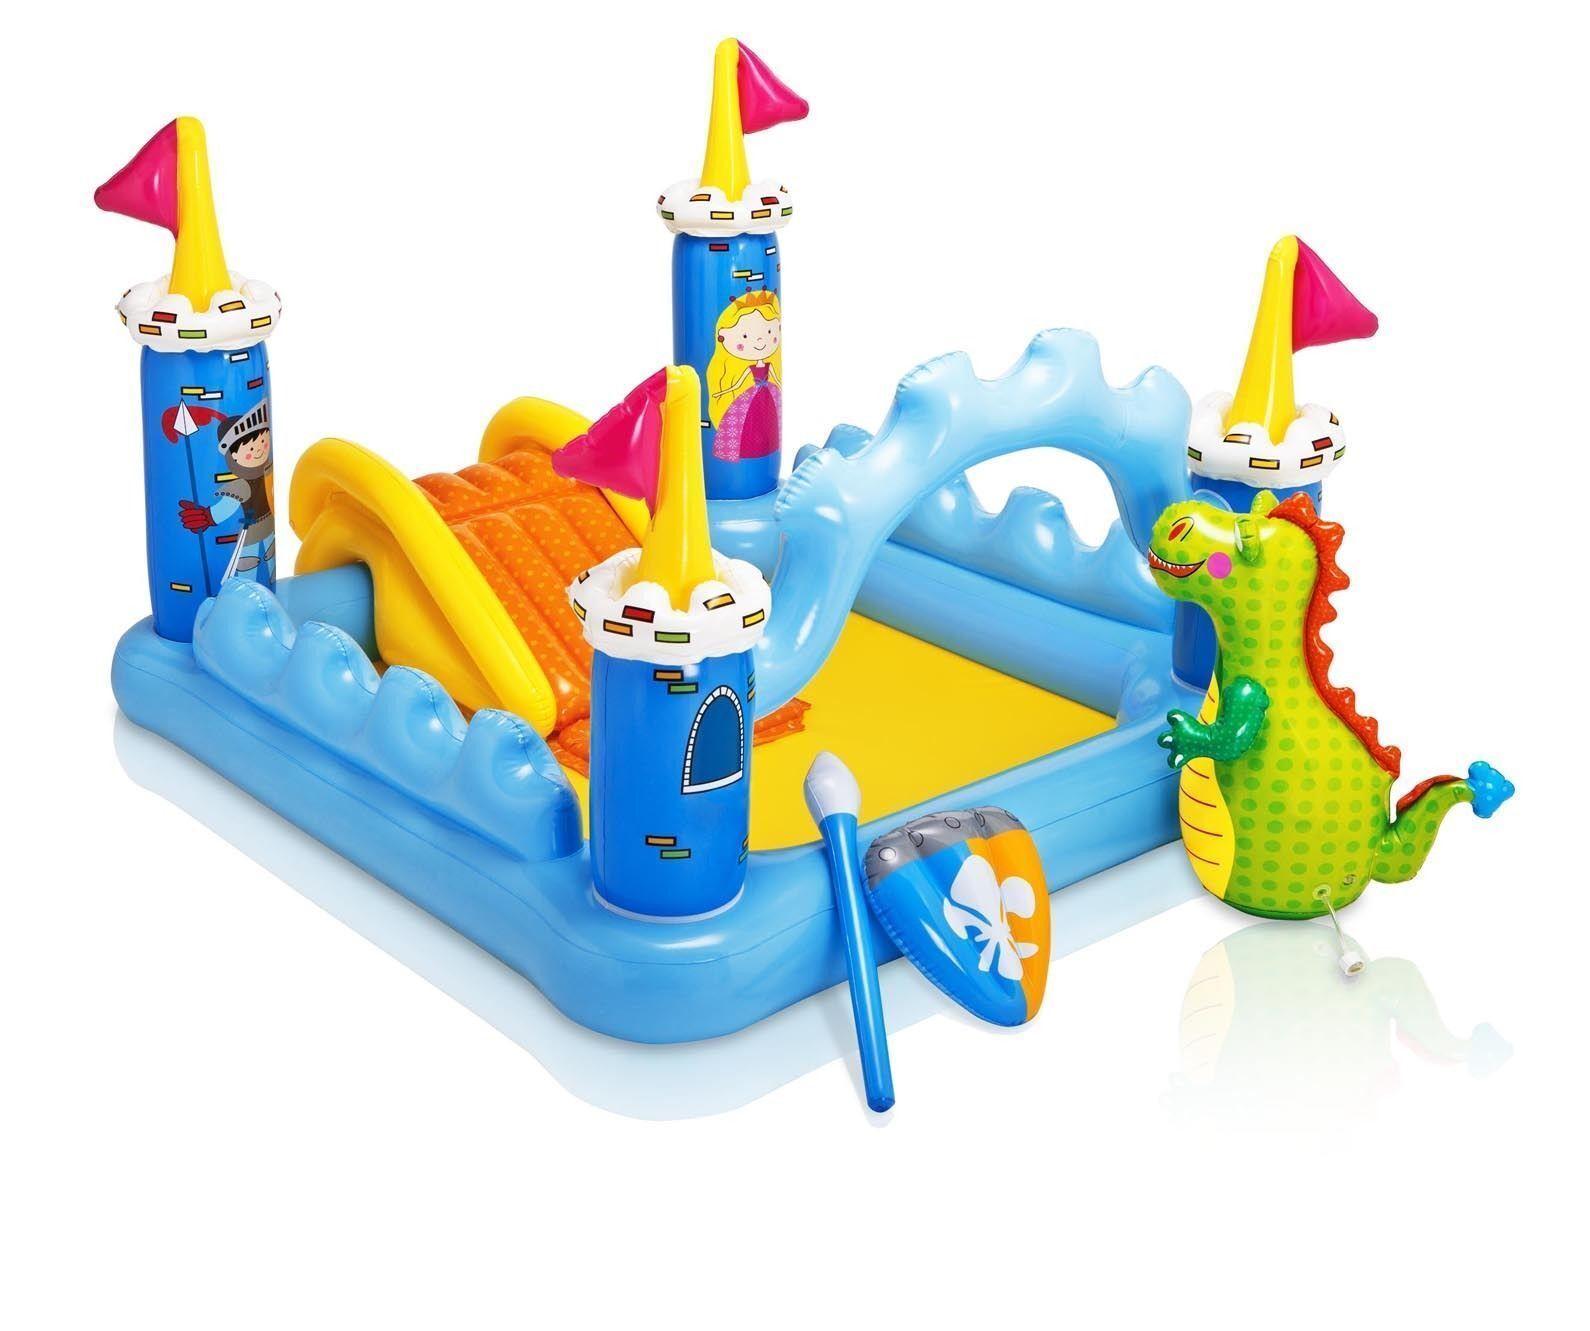 INTEX 57138 Castello gonfiabile per bambini con scivolo drago scudo